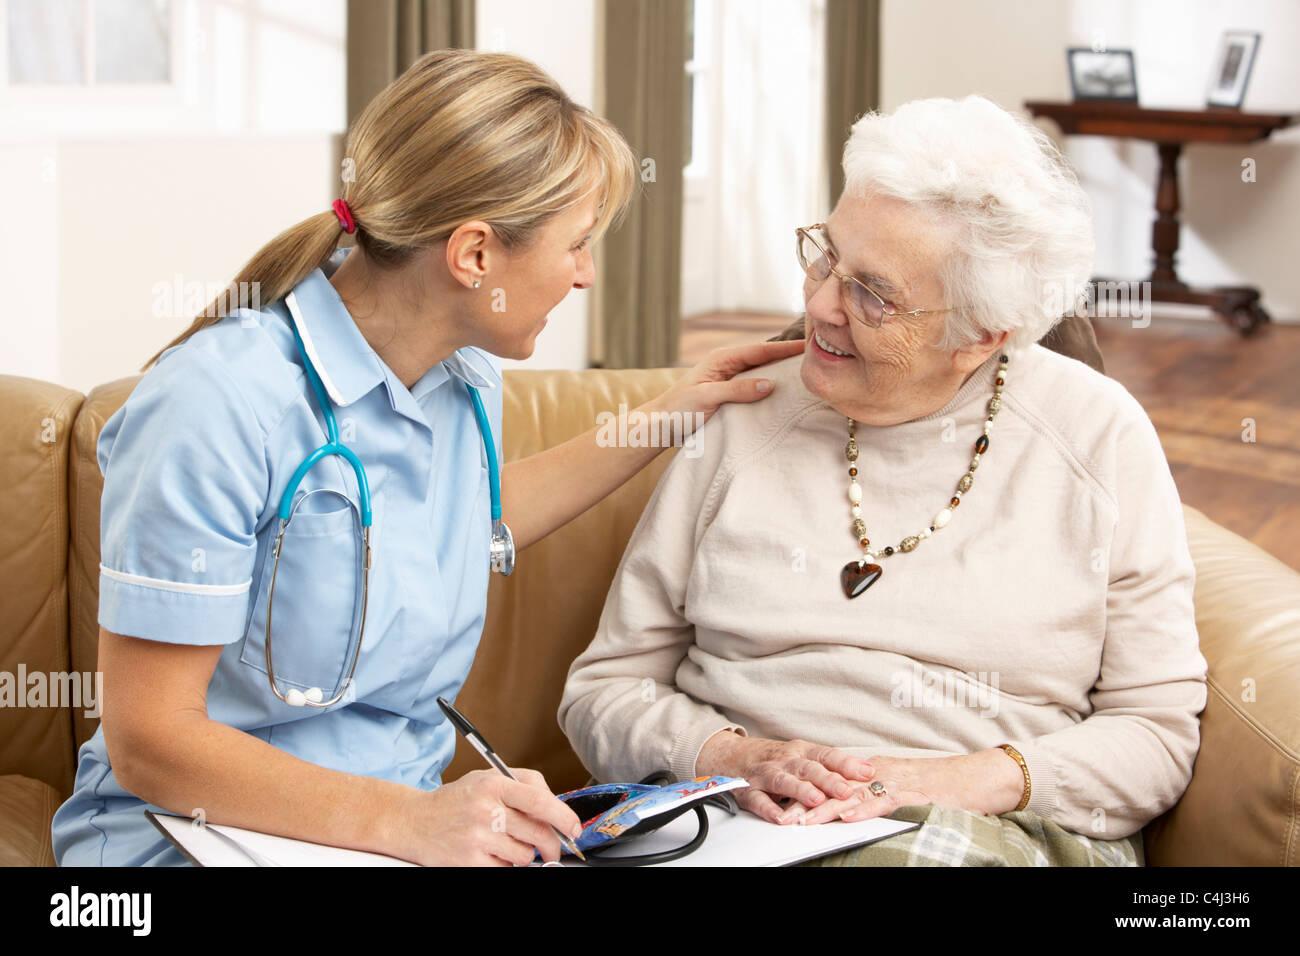 Senior donna in discussione con la salute ospite a casa Immagini Stock